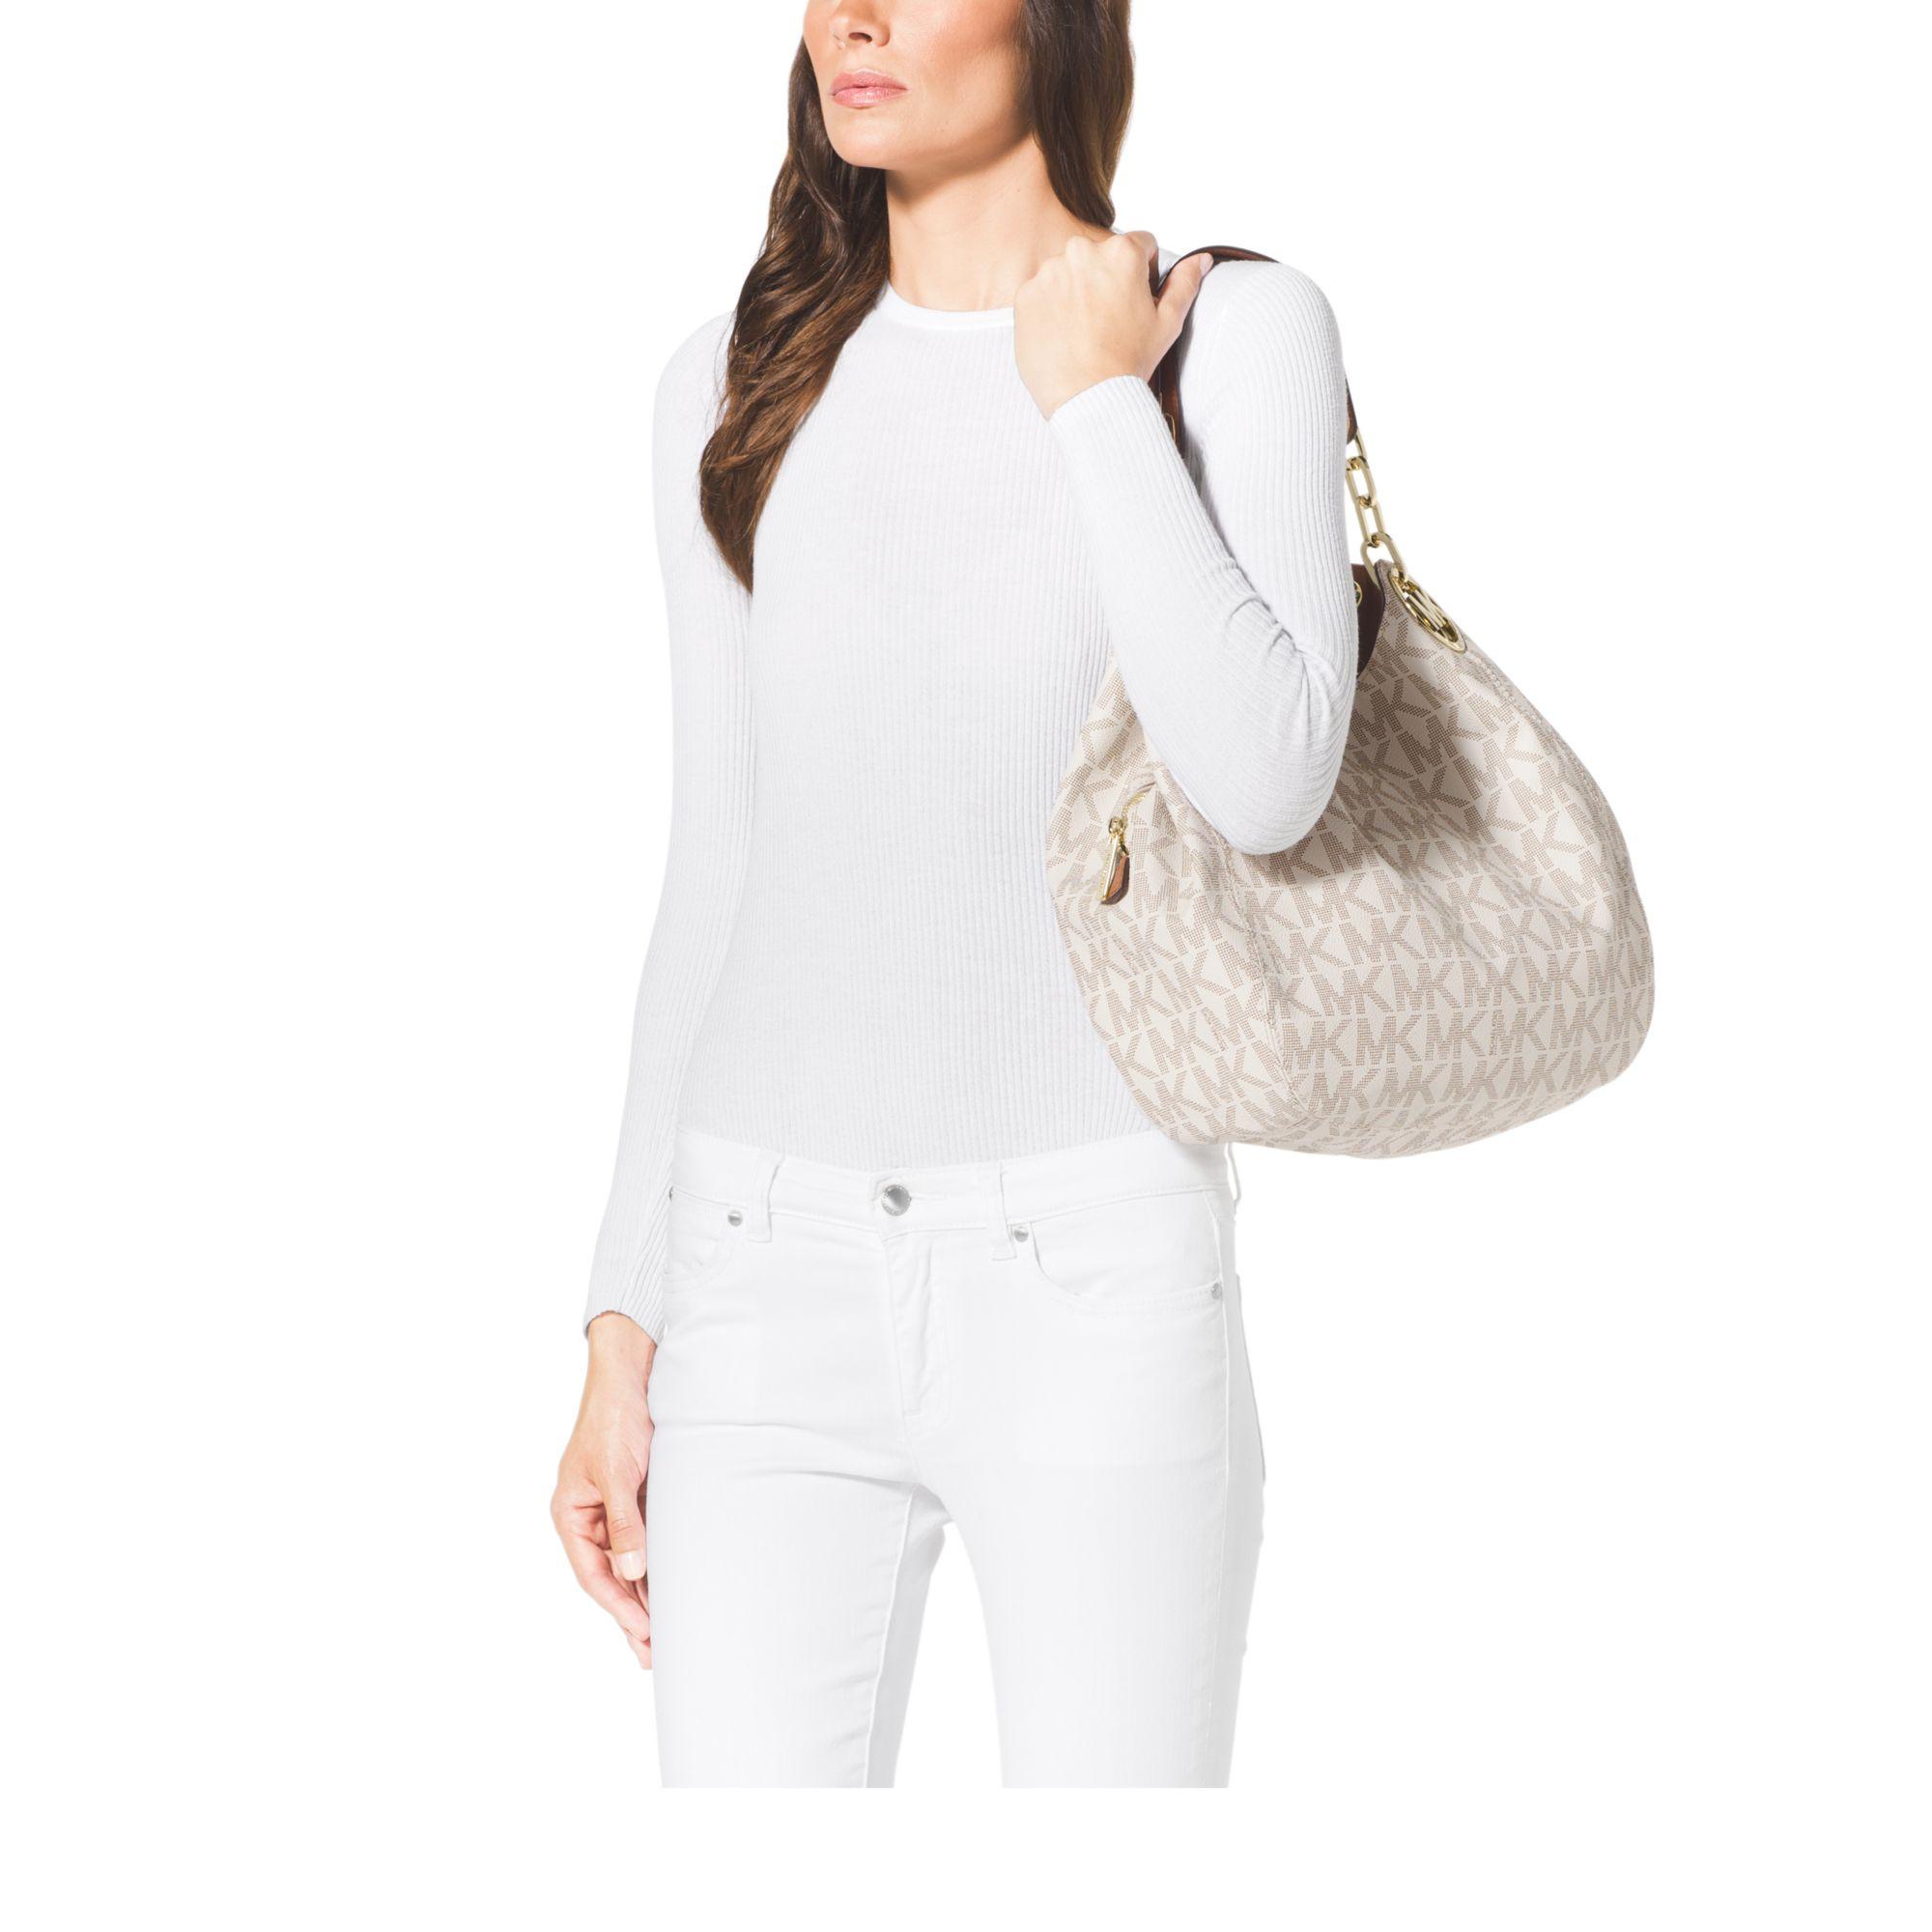 d94646a38172 Lyst - Michael Kors Fulton Large Logo Shoulder Bag in White